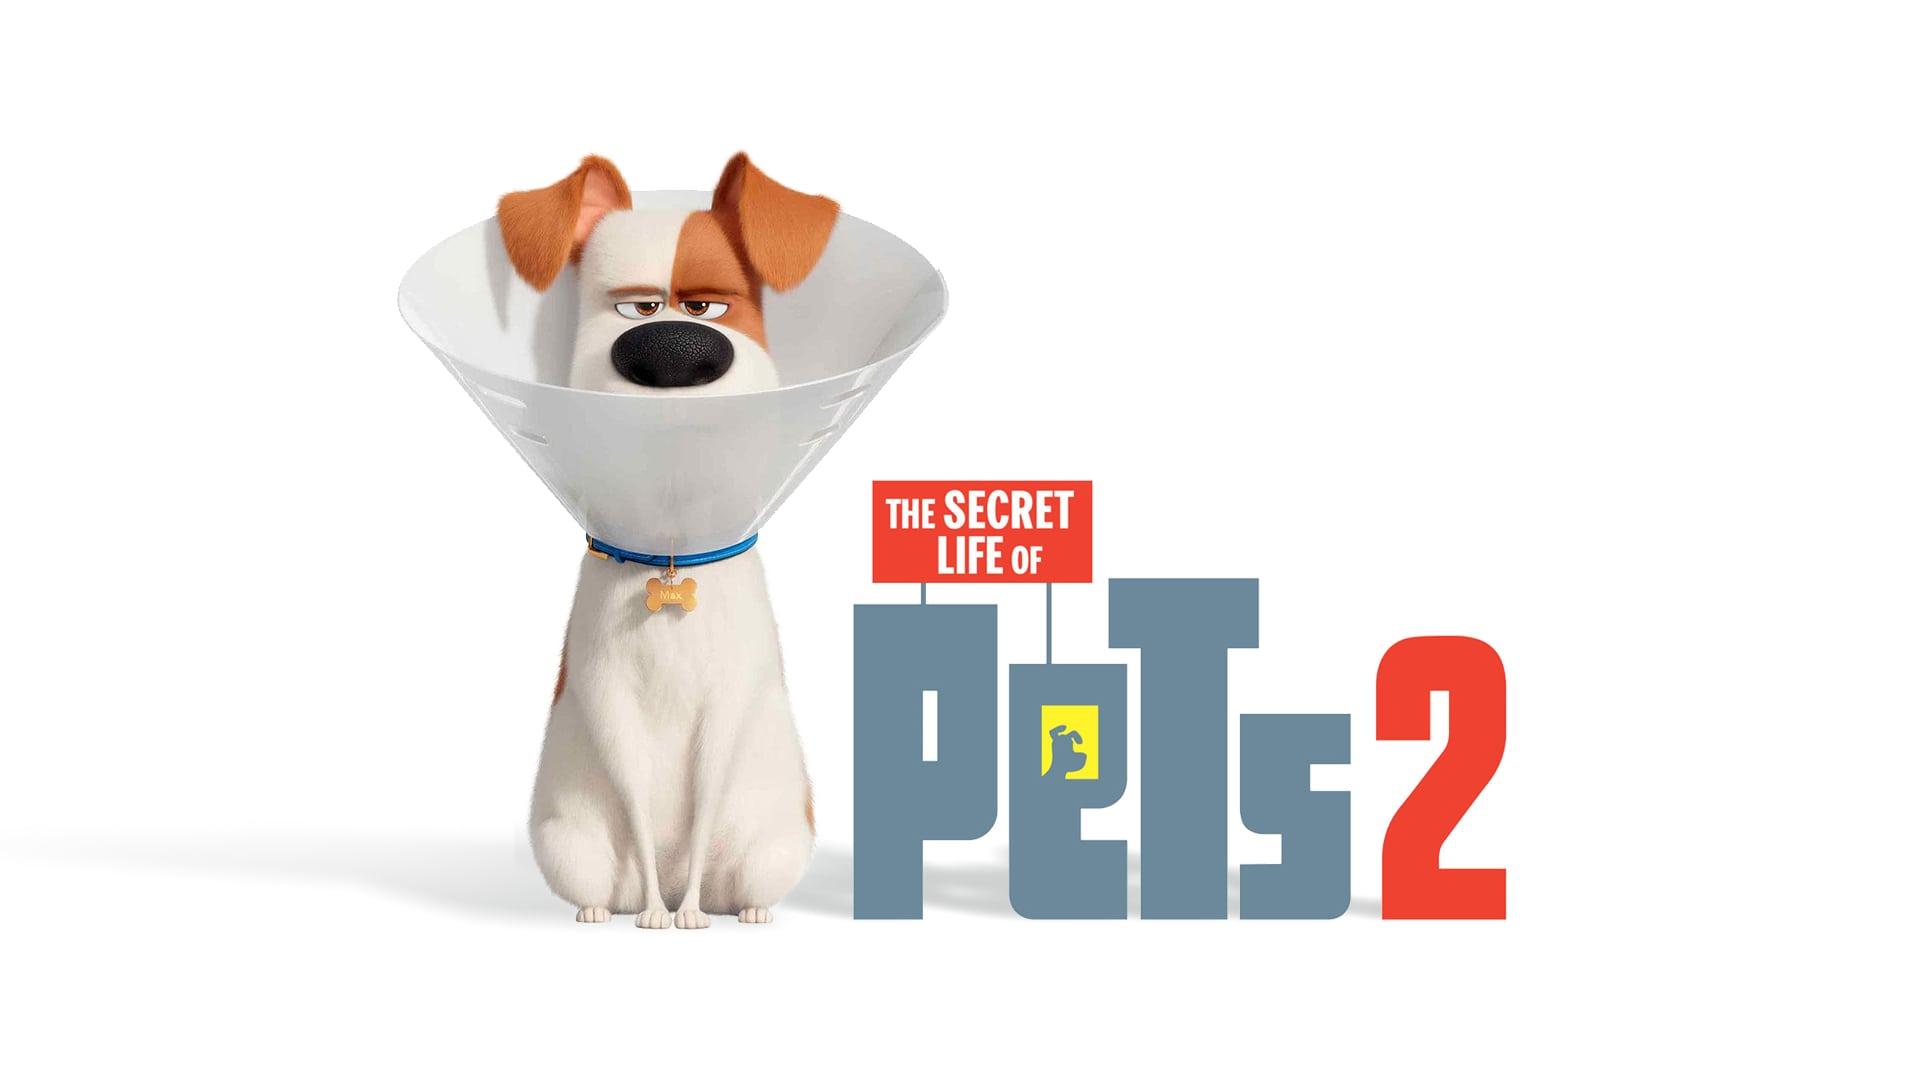 انیمیشن زندگی مخفی حیوانات خانگی 2 یکی از بهترین انیمیشن های سال 2019